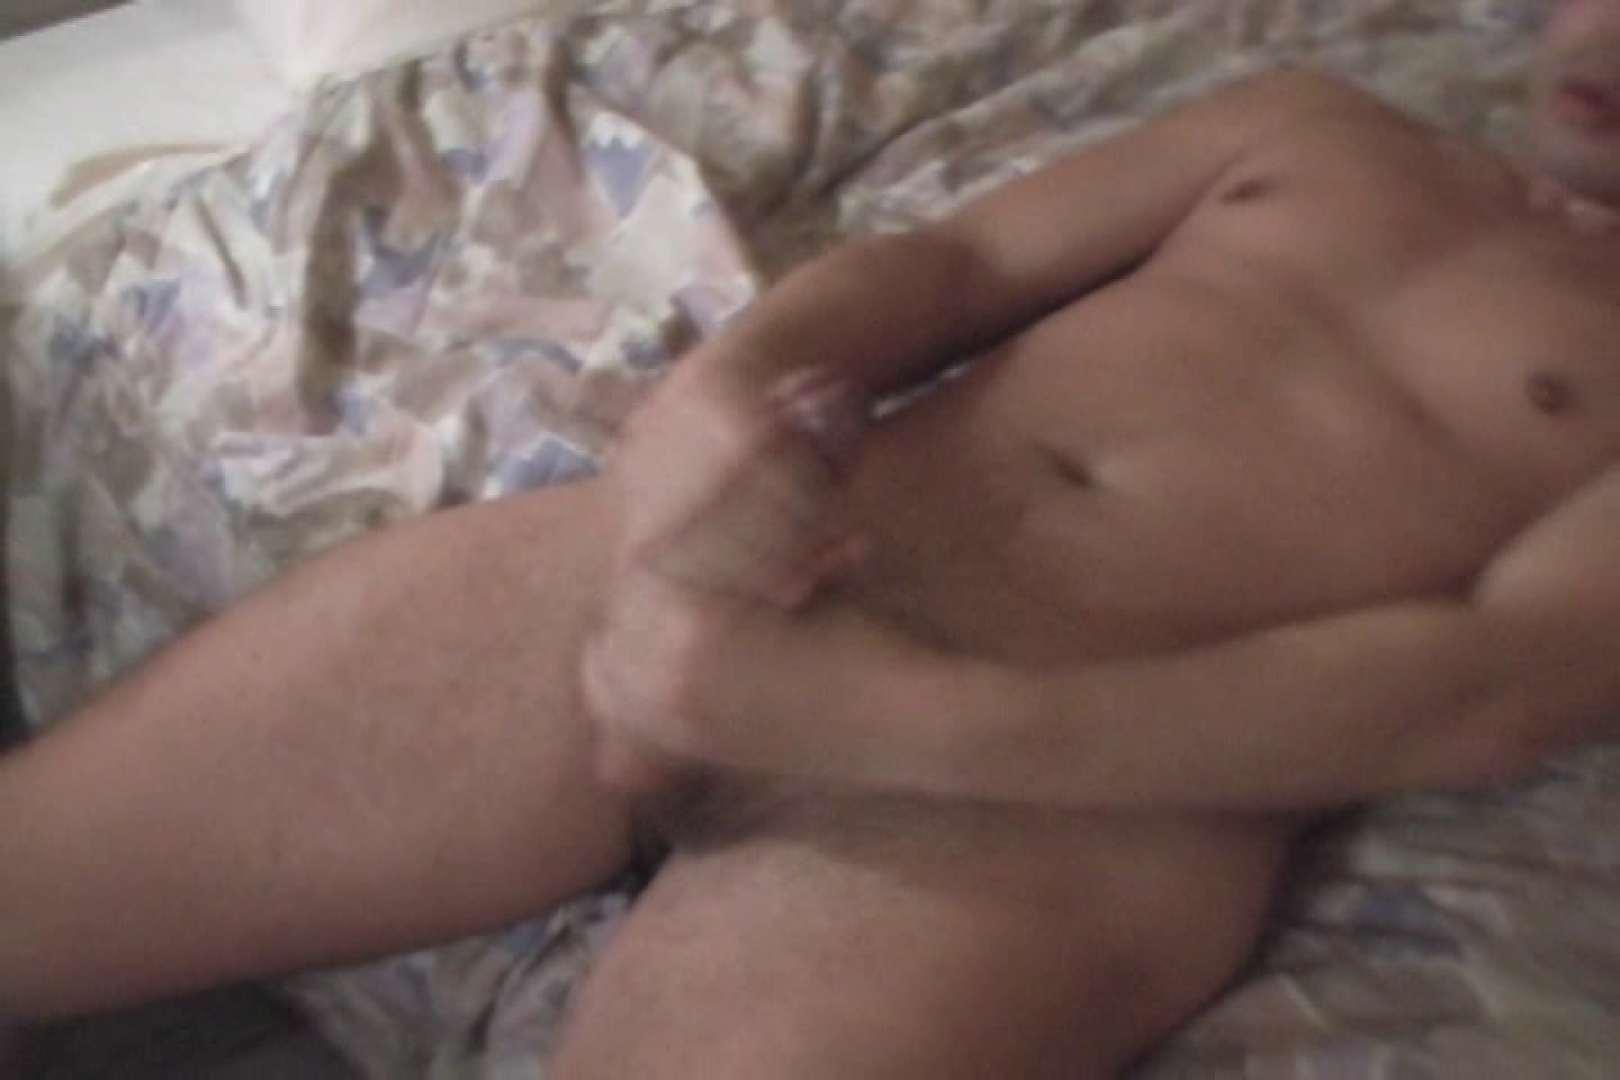 某ガチムチ教師の妄想猛烈自慰行為。 変態 ゲイ射精画像 66連発 65